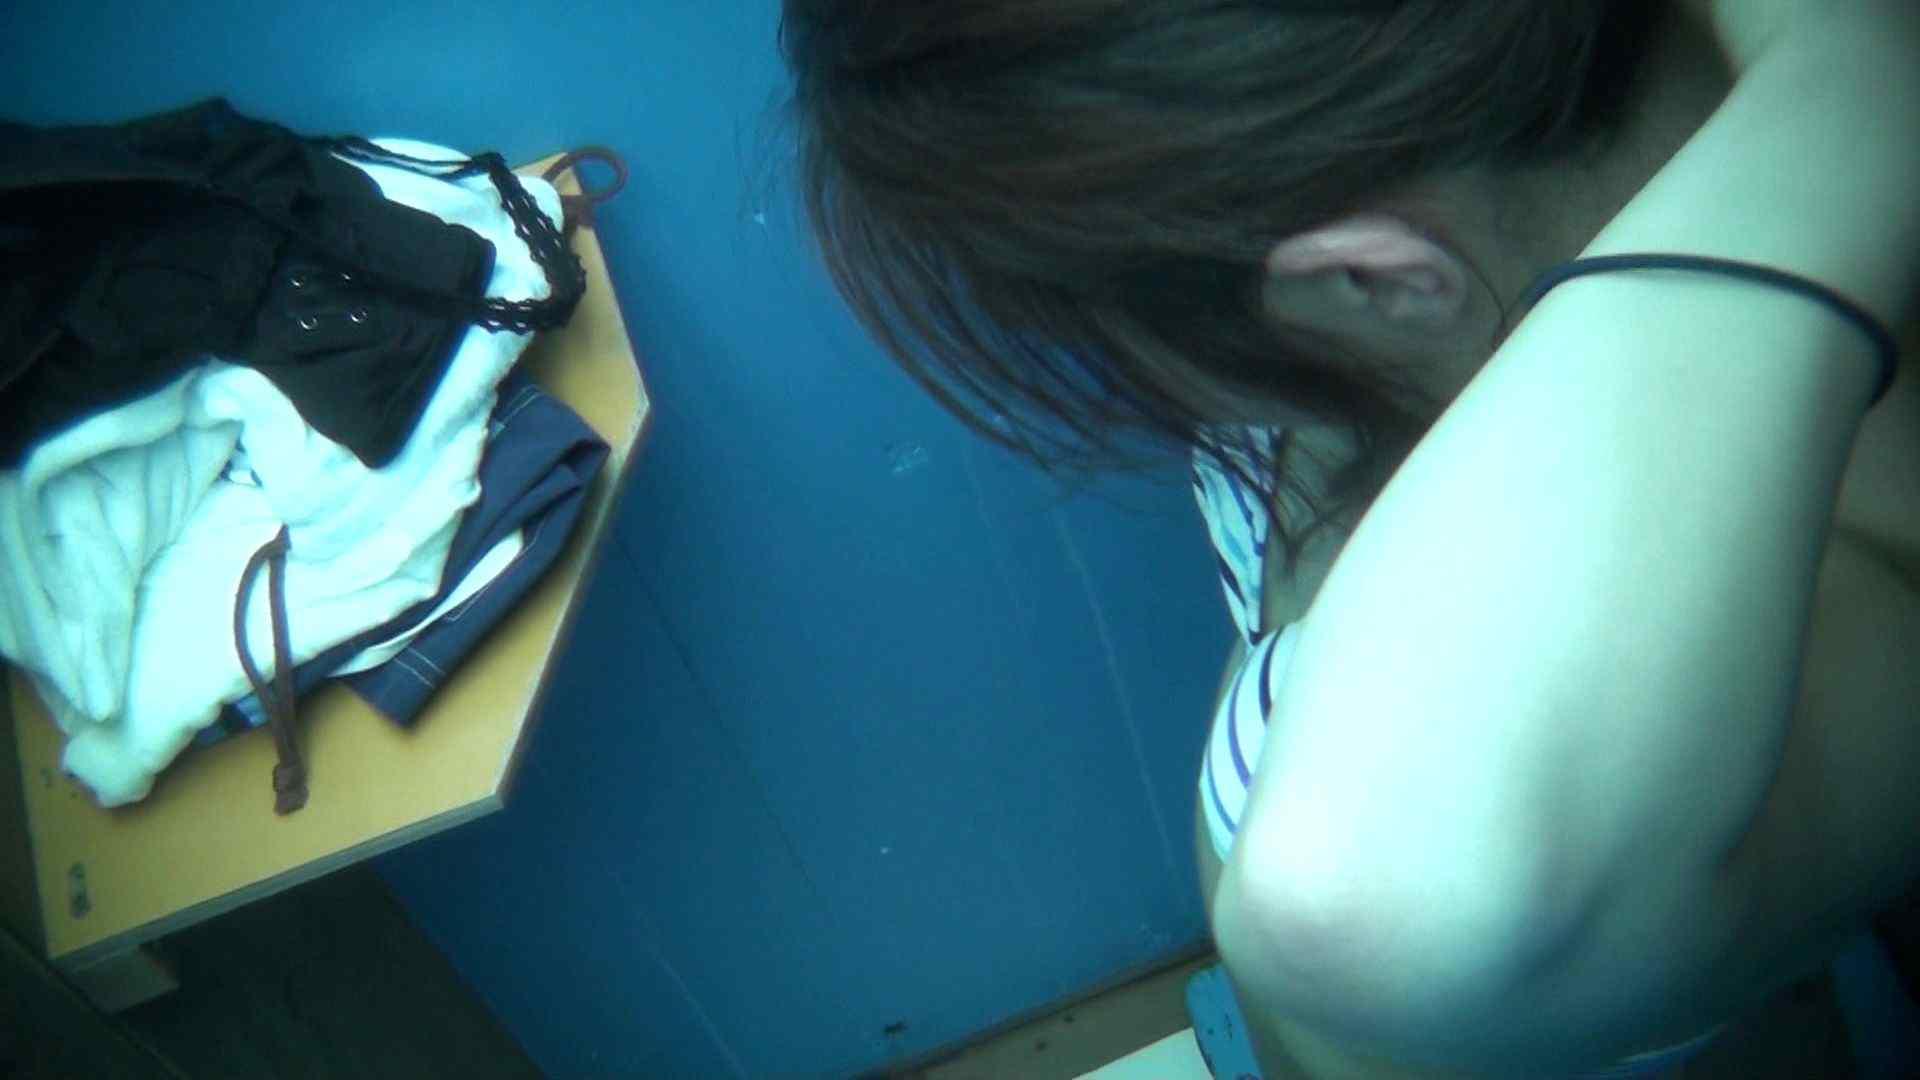 シャワールームは超!!危険な香りVol.27 乳首は一瞬貧乳姉さん 乳首   エロティックなOL  91画像 55